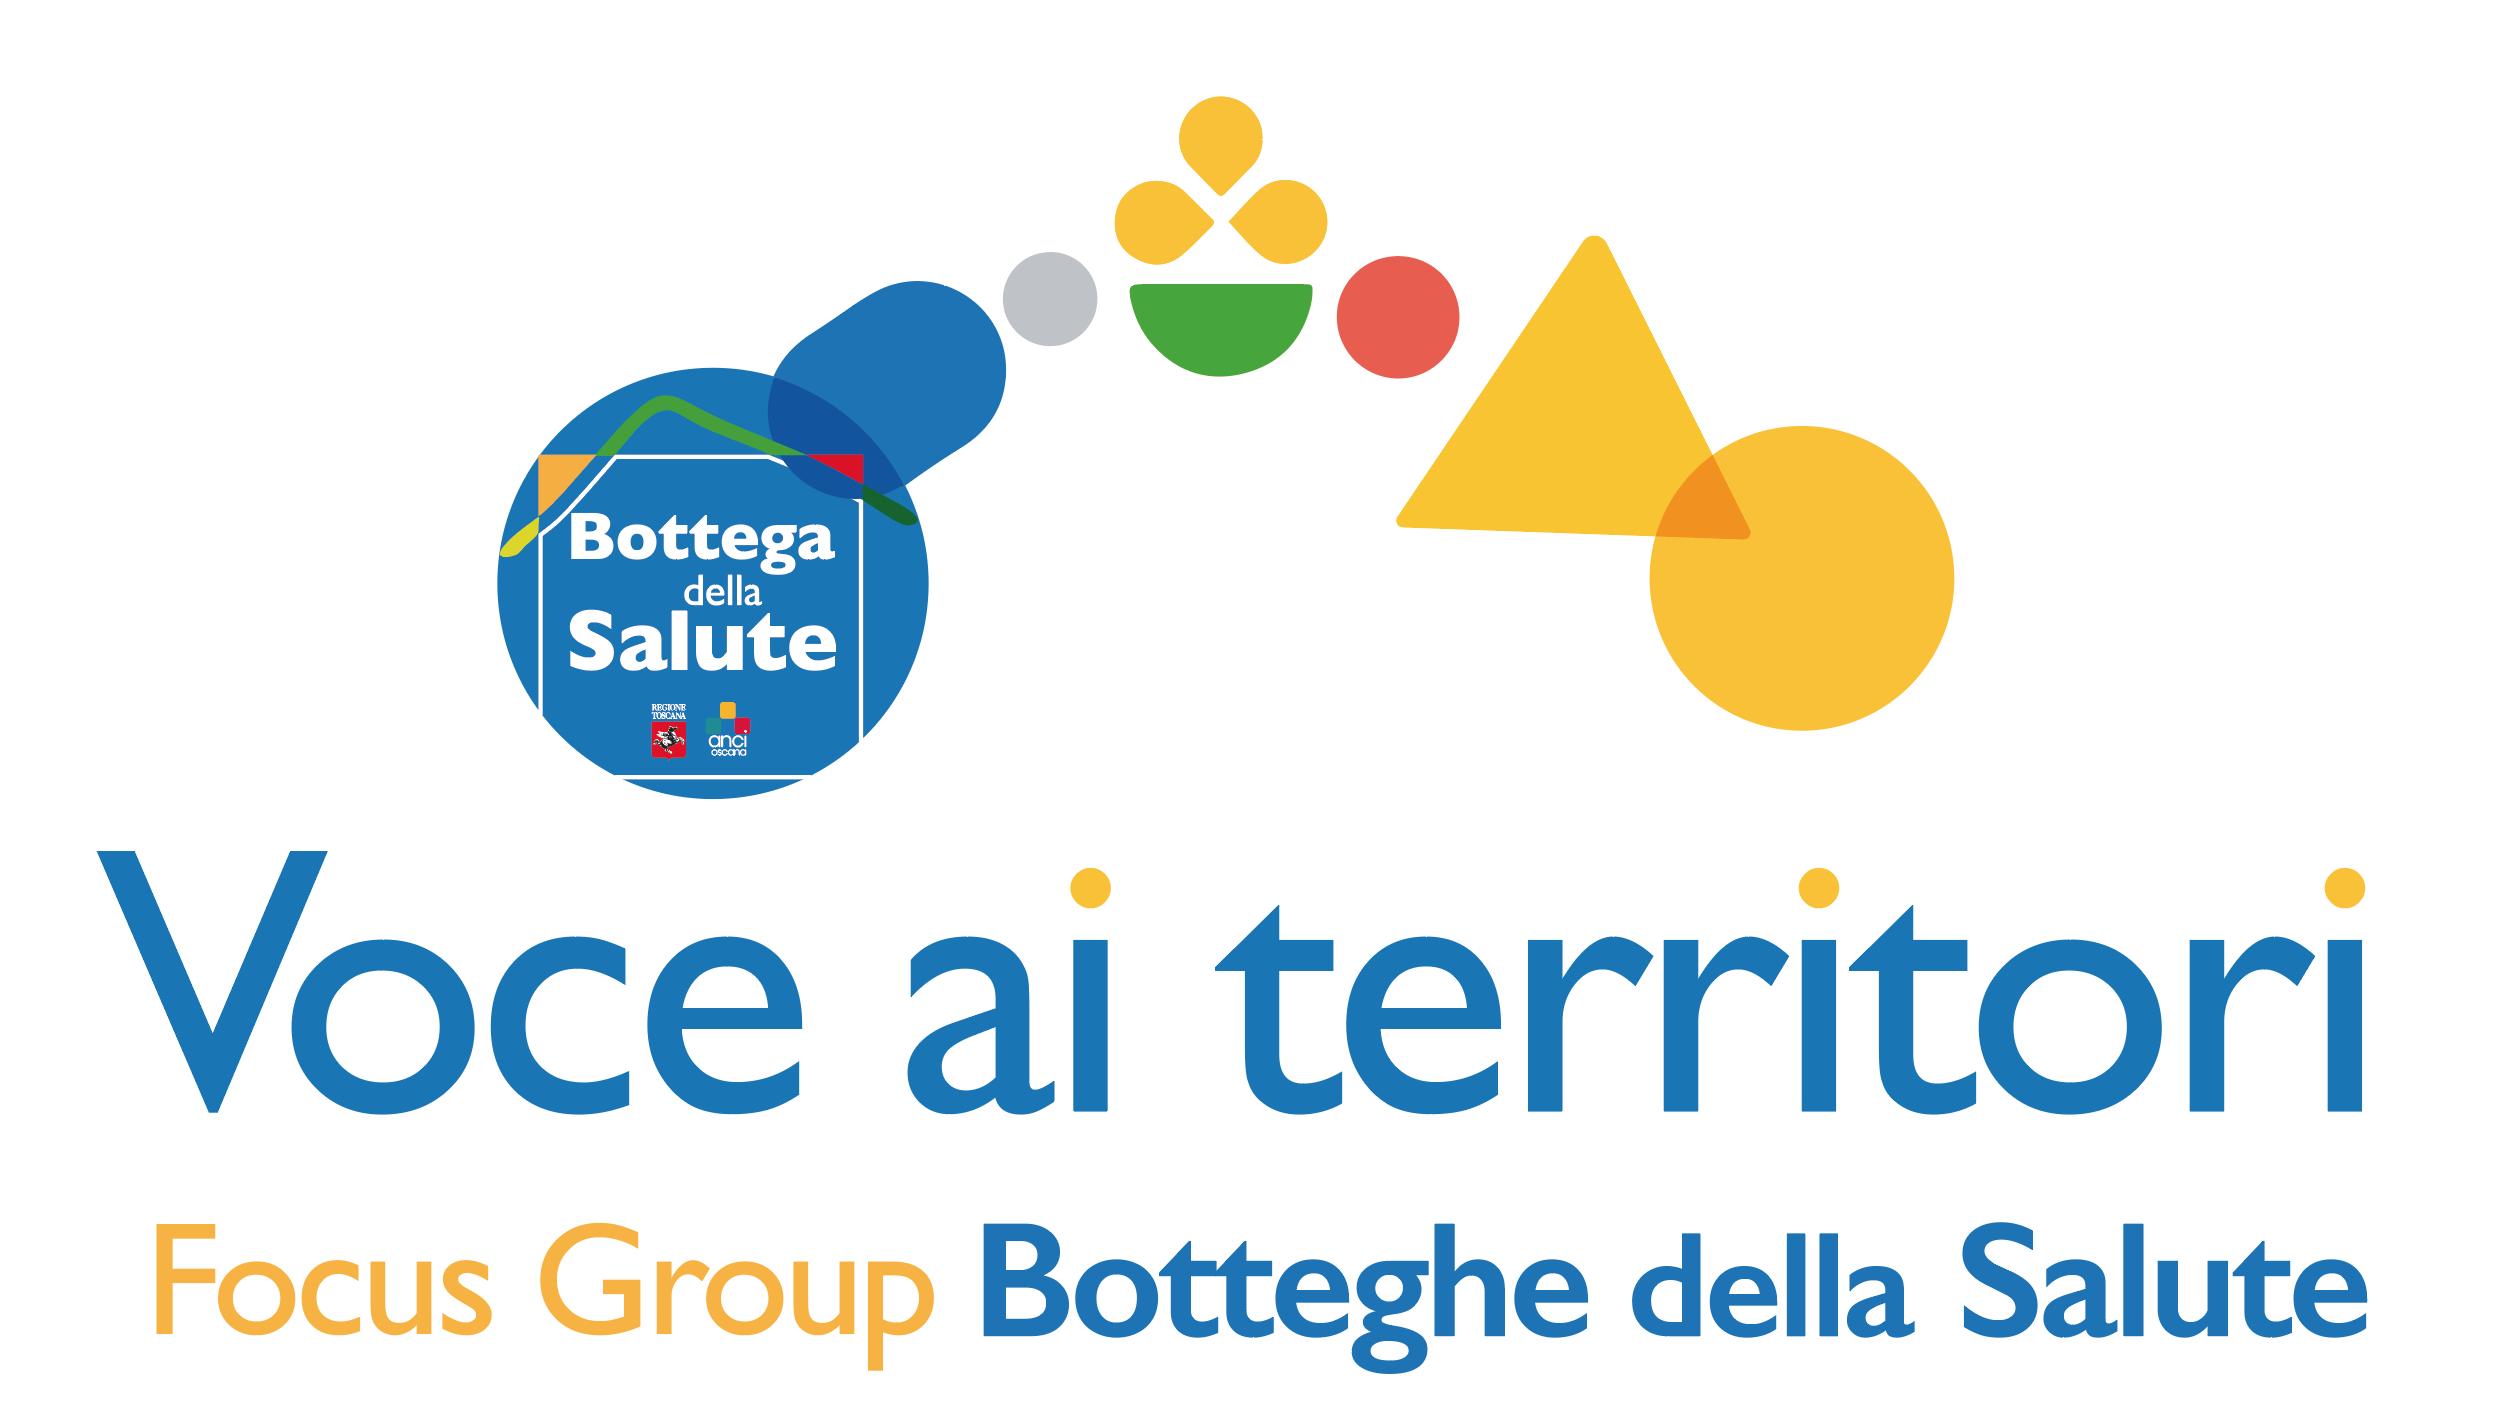 logo_Voce_ai_territori